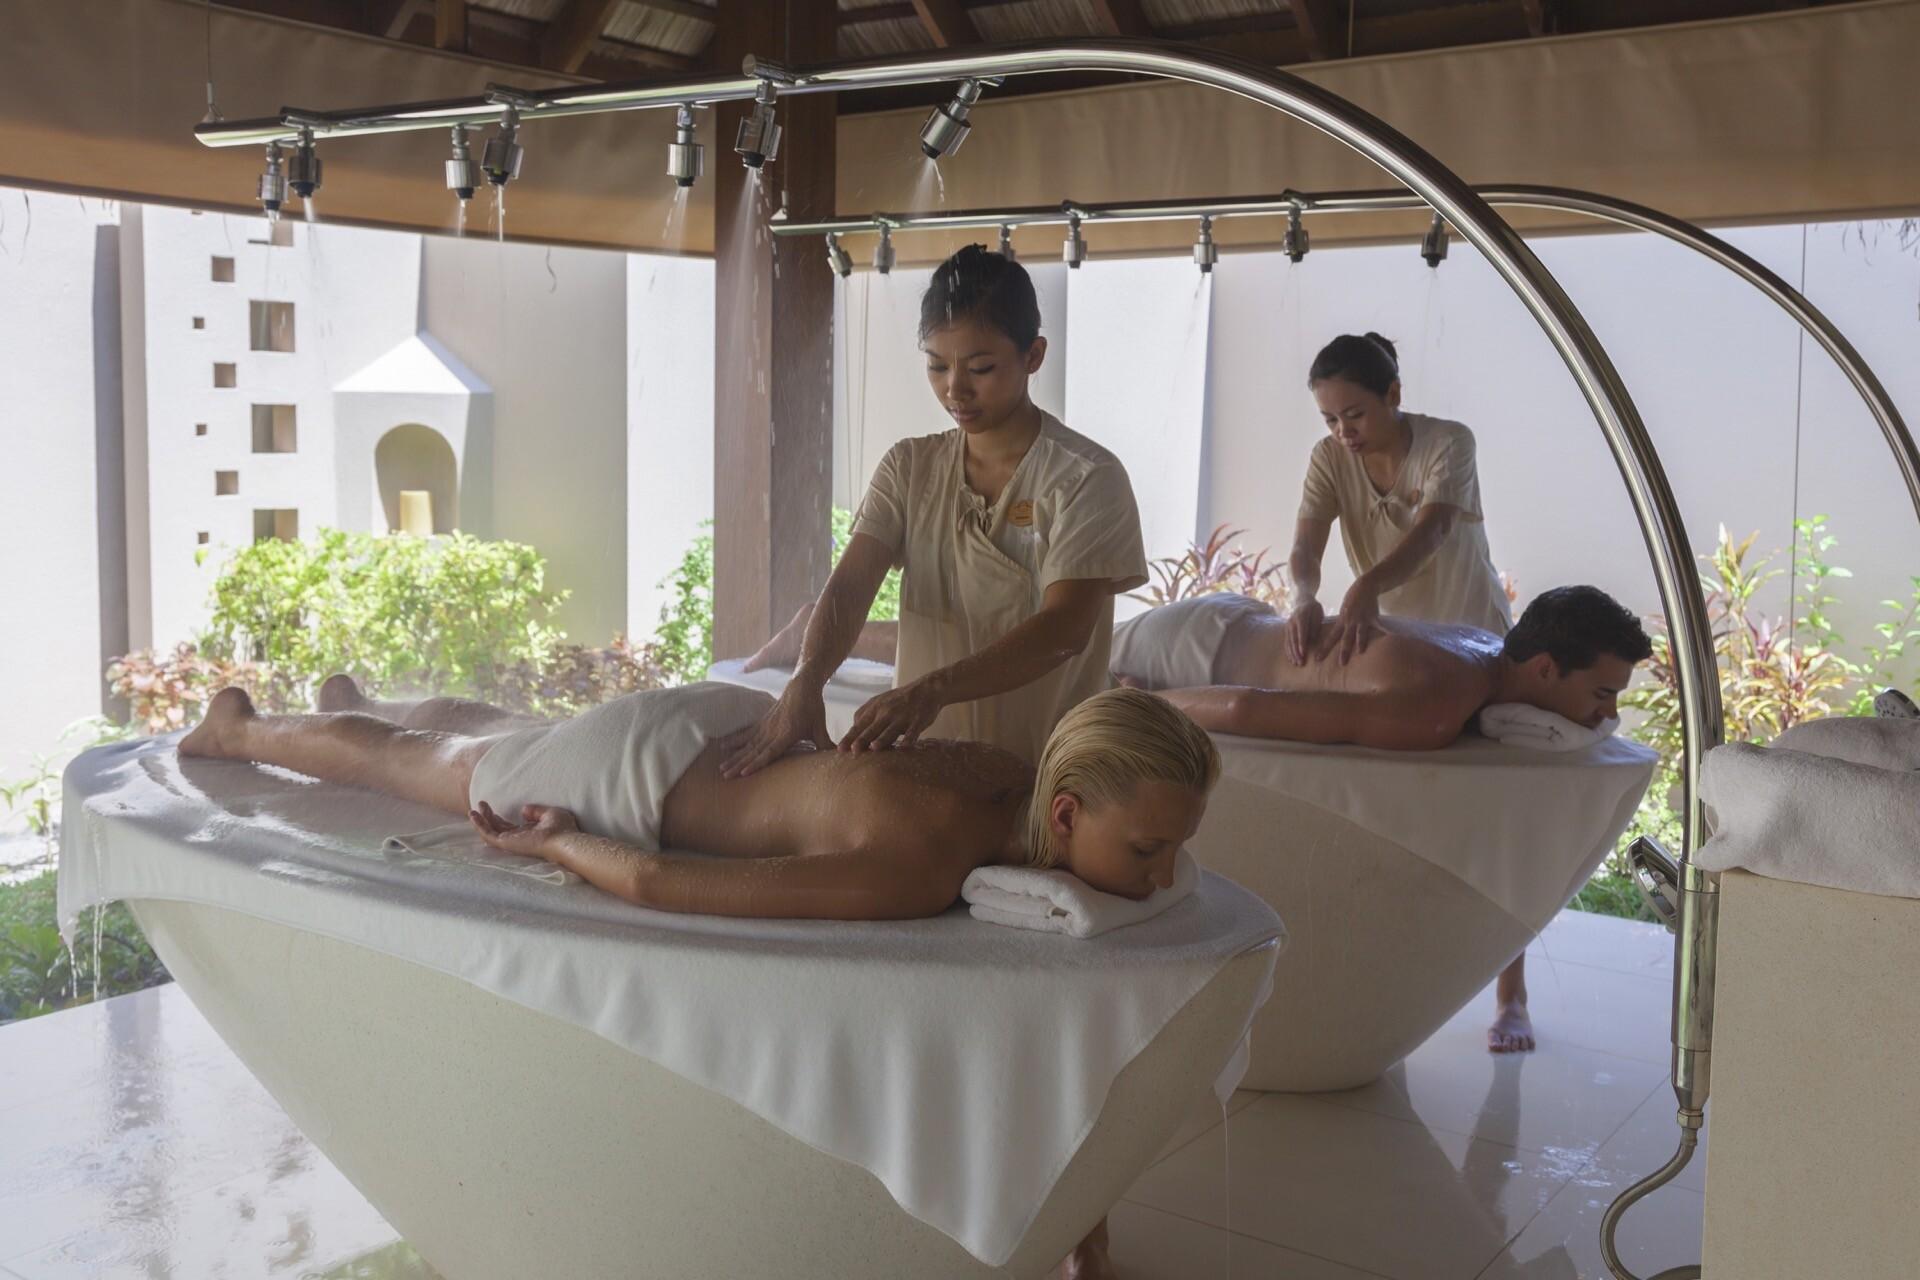 Paarmassage im Malediven-Urlaub